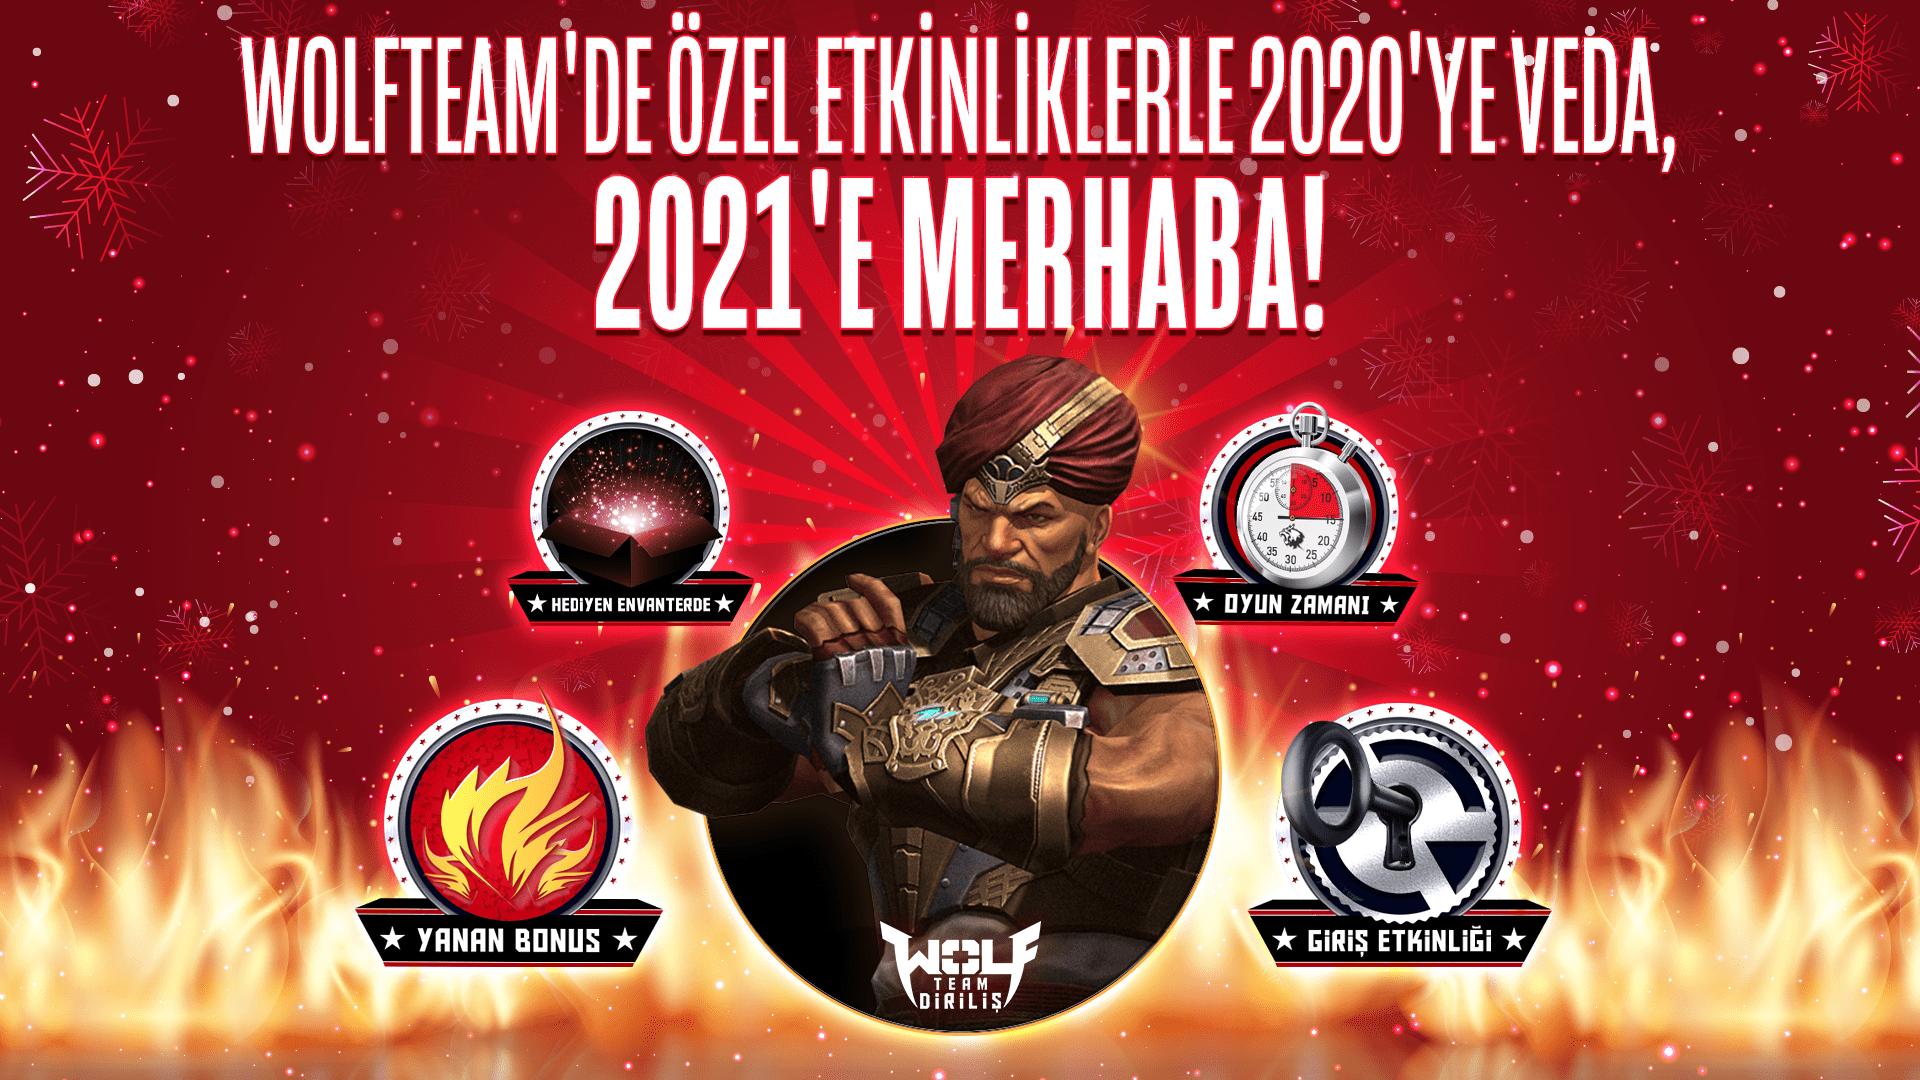 Yeni yıl Wolfteam'de fırsat dolu etkinliklerle kutlanacak - Oyunpat